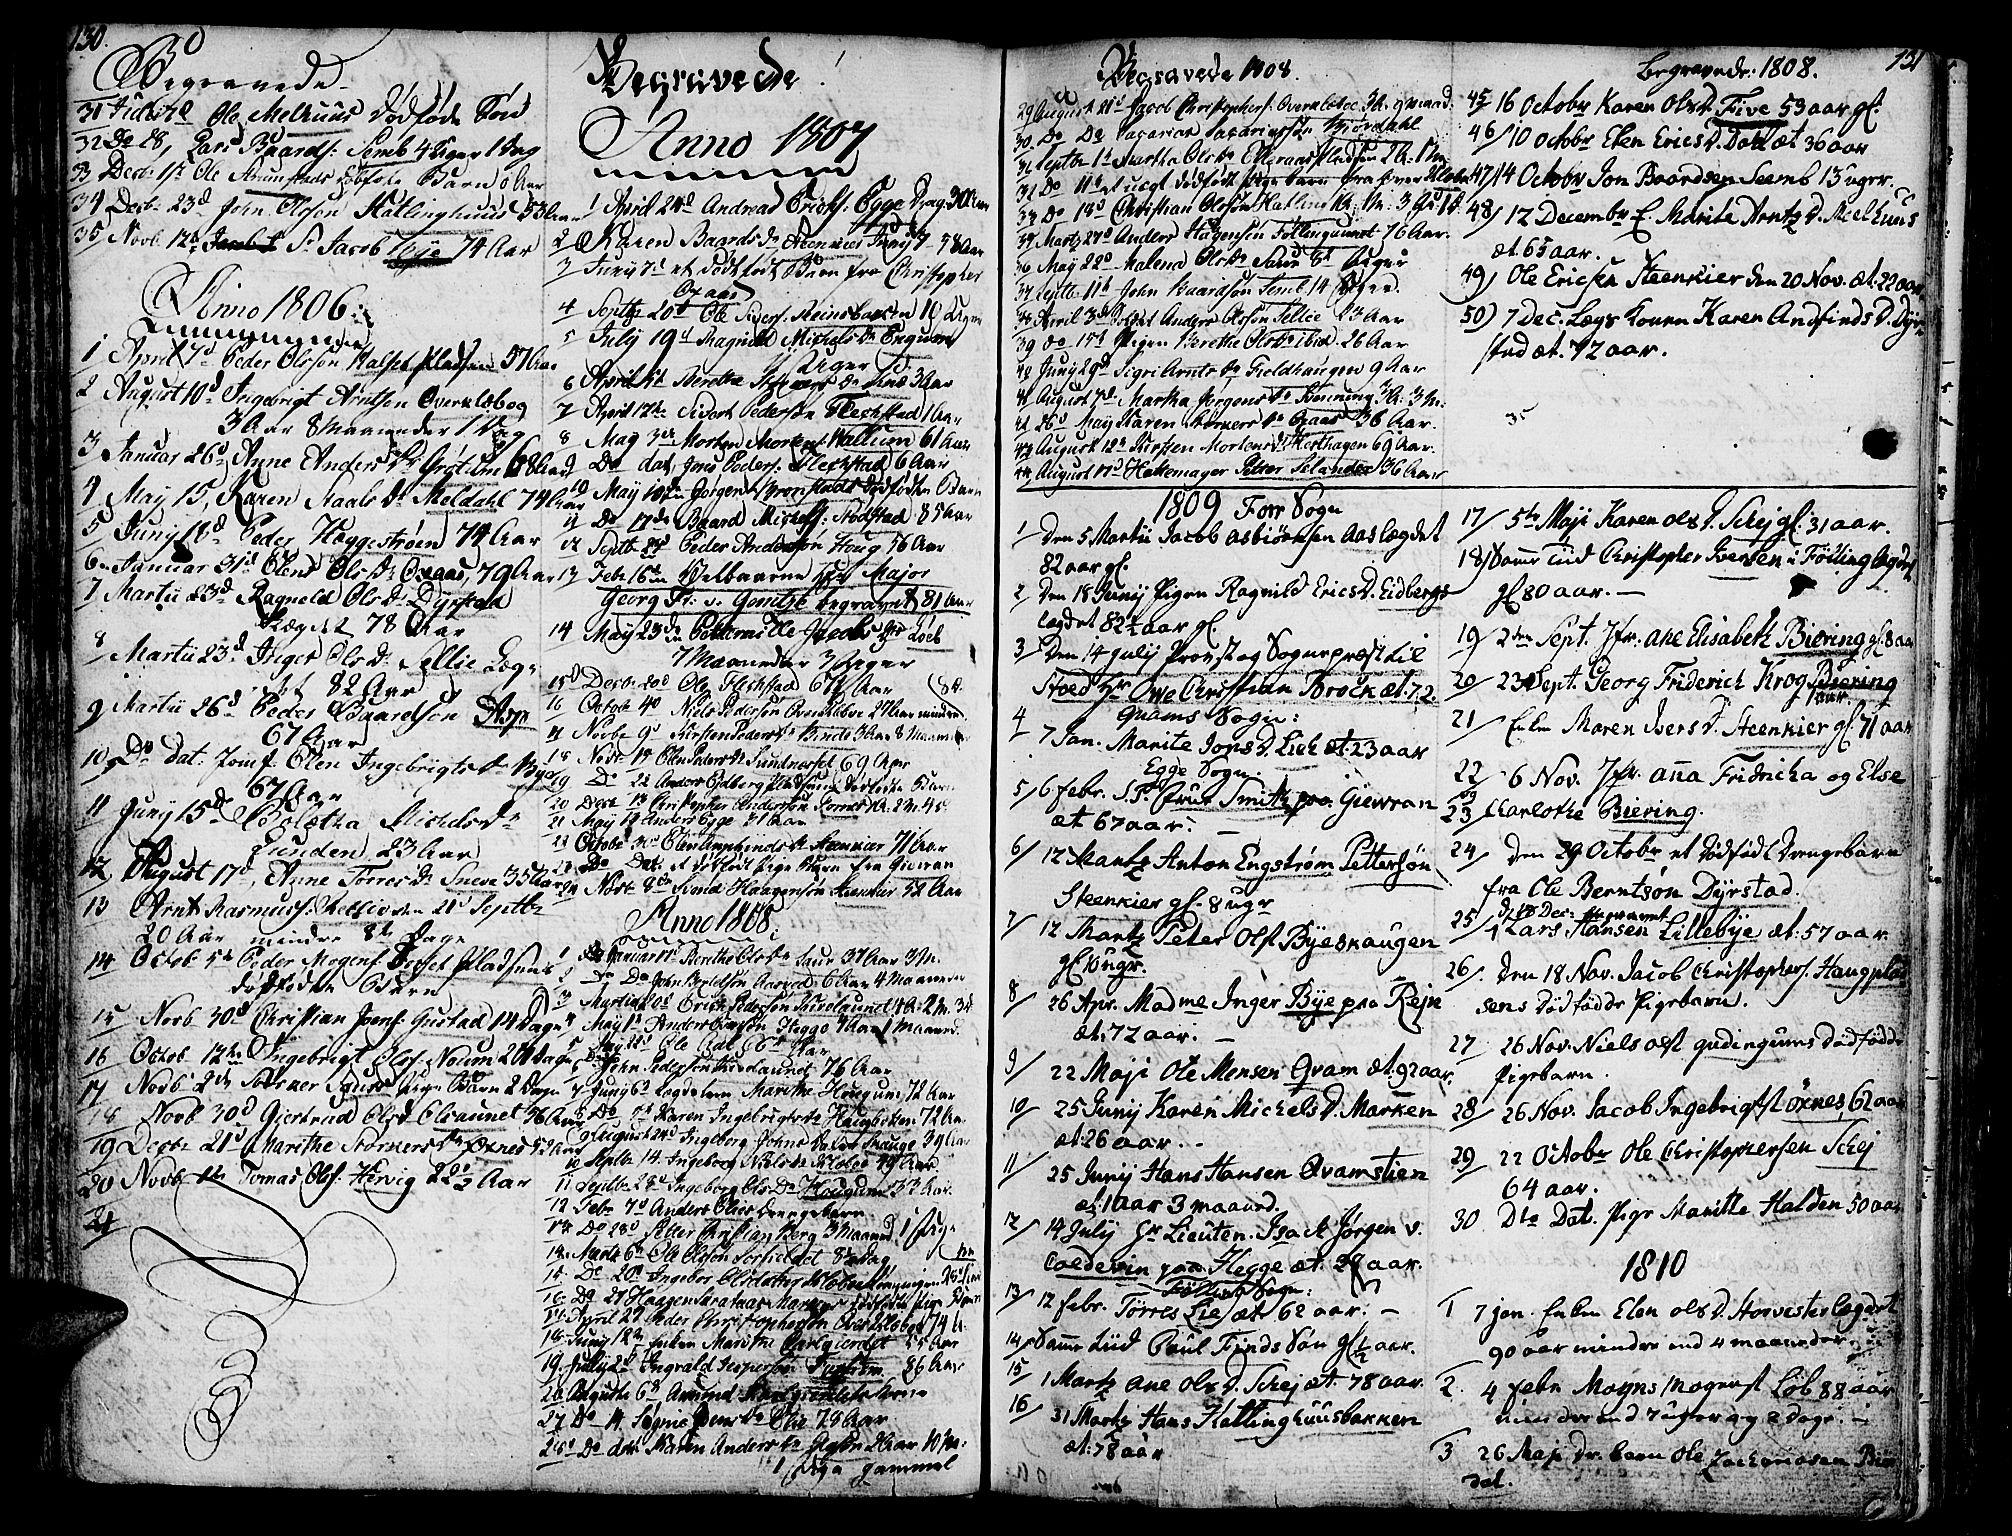 SAT, Ministerialprotokoller, klokkerbøker og fødselsregistre - Nord-Trøndelag, 746/L0440: Ministerialbok nr. 746A02, 1760-1815, s. 130-131